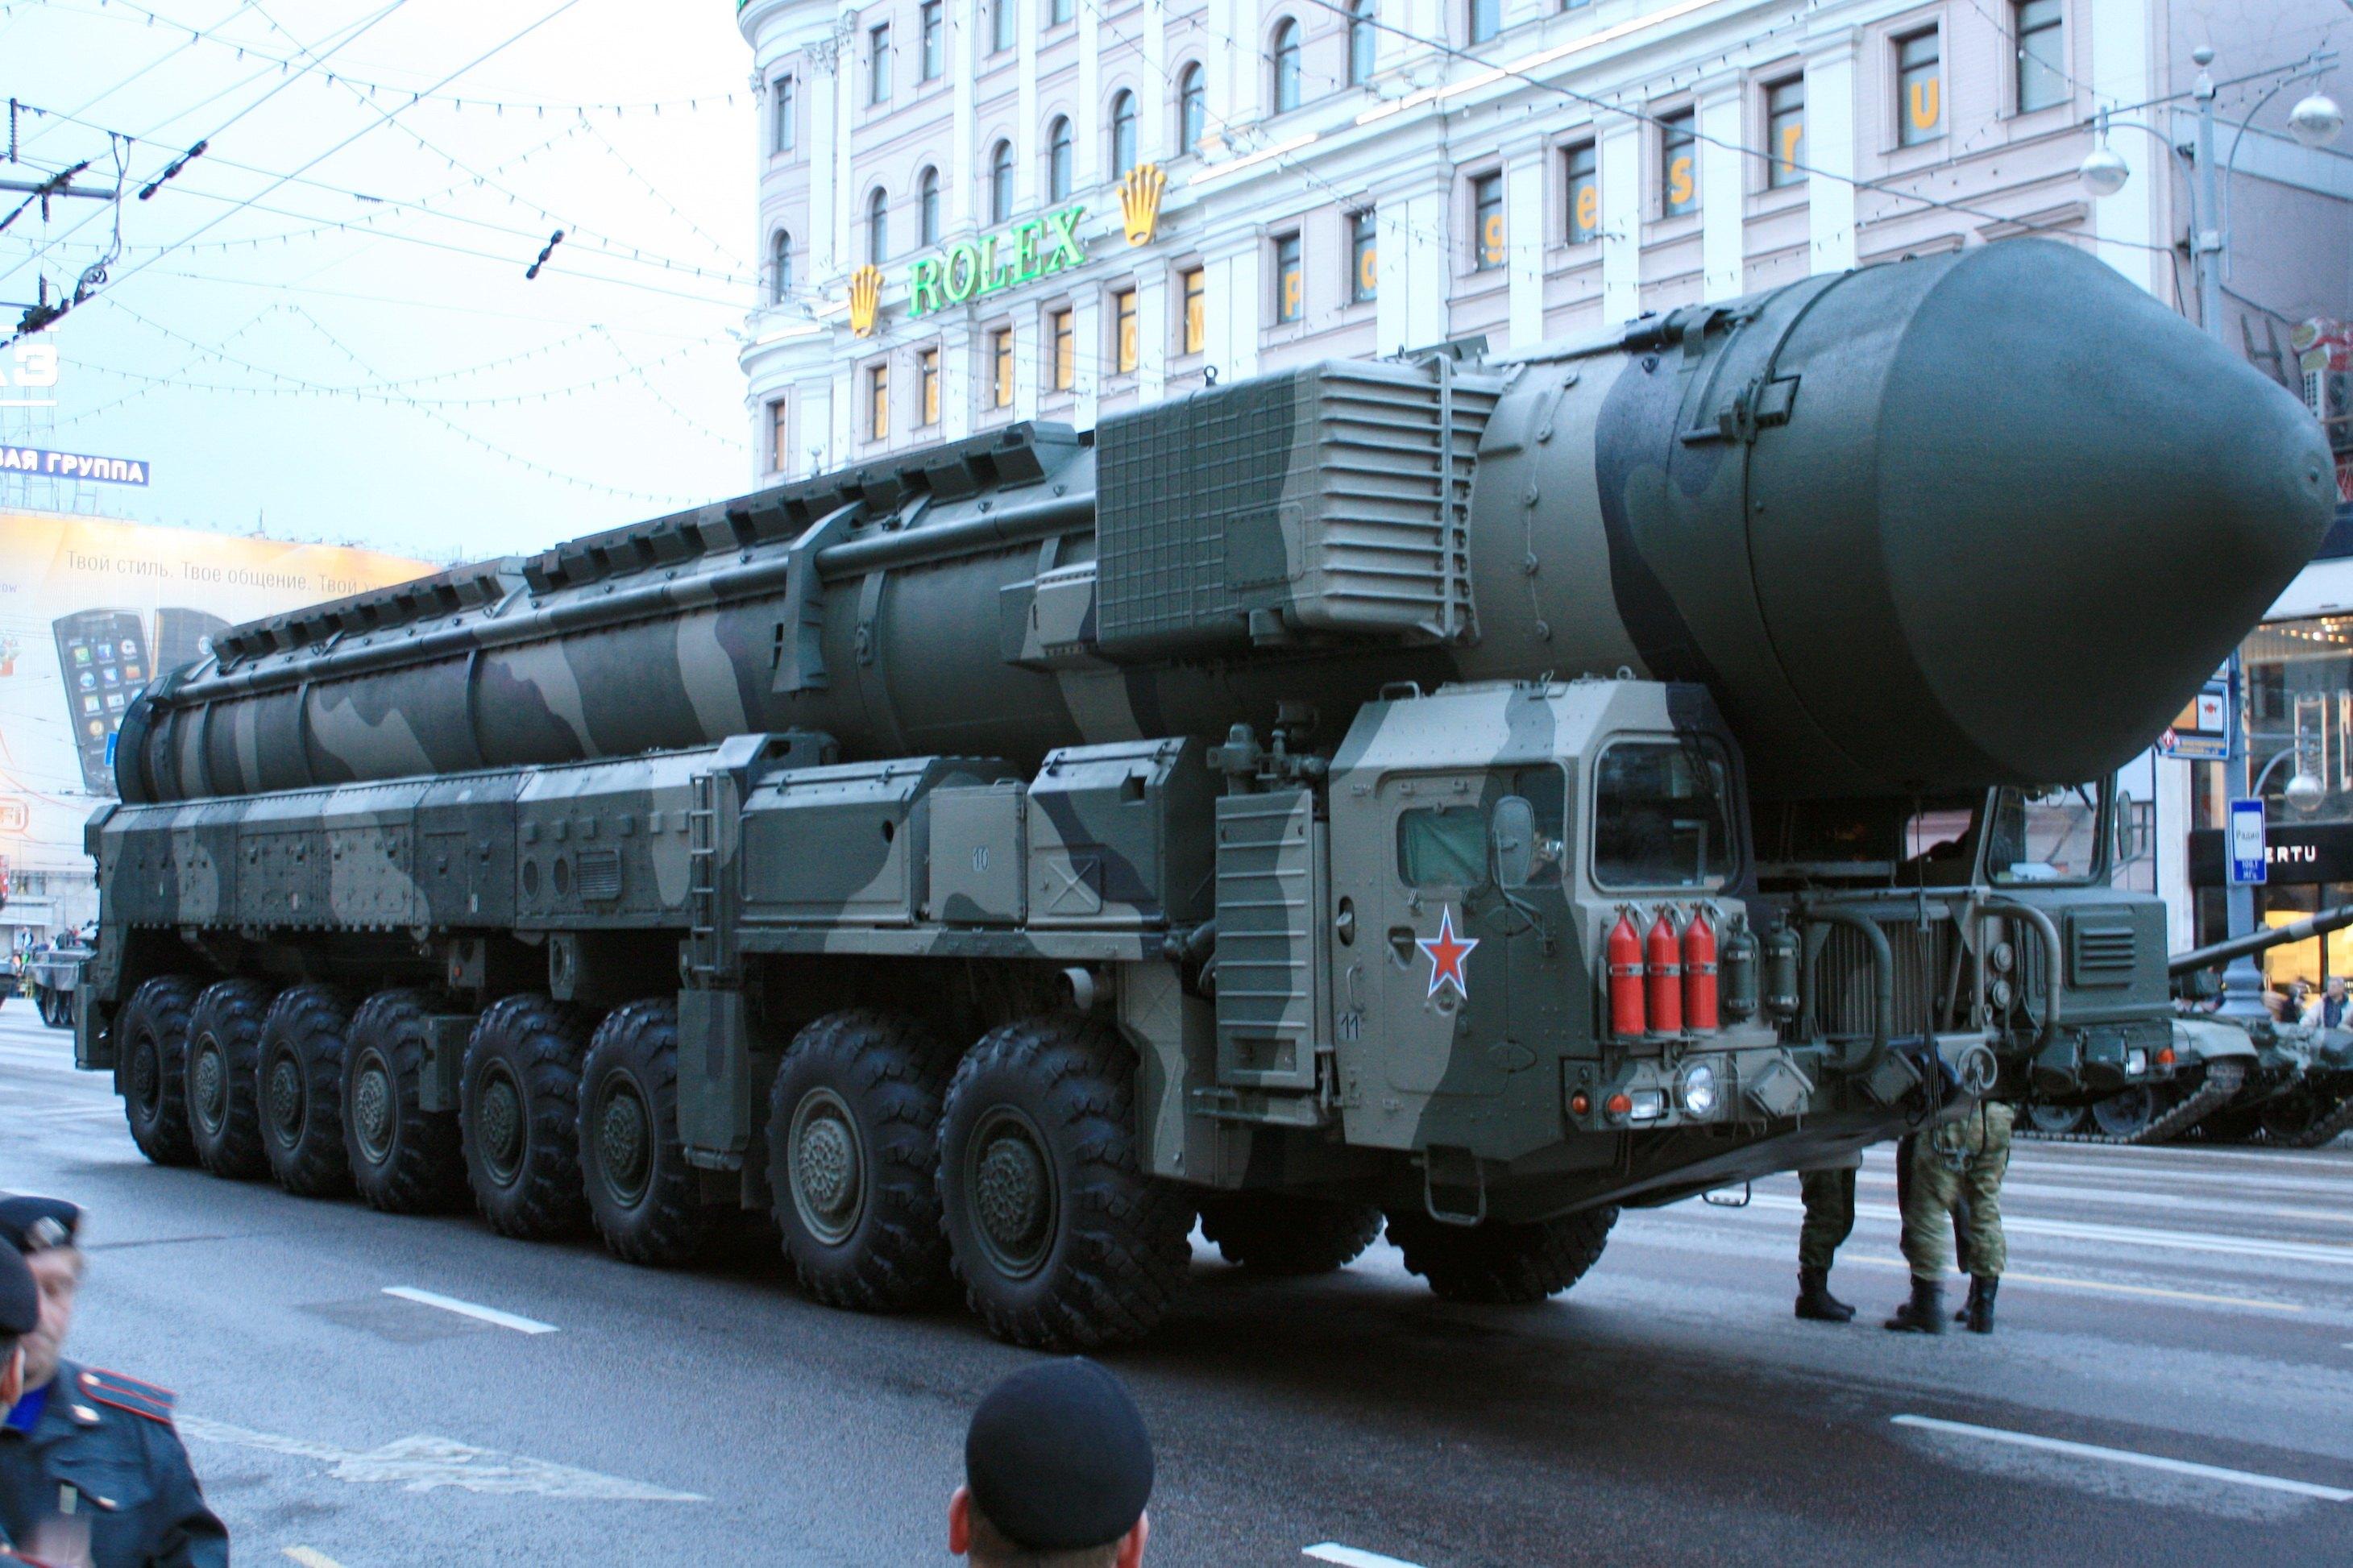 ICBM missile